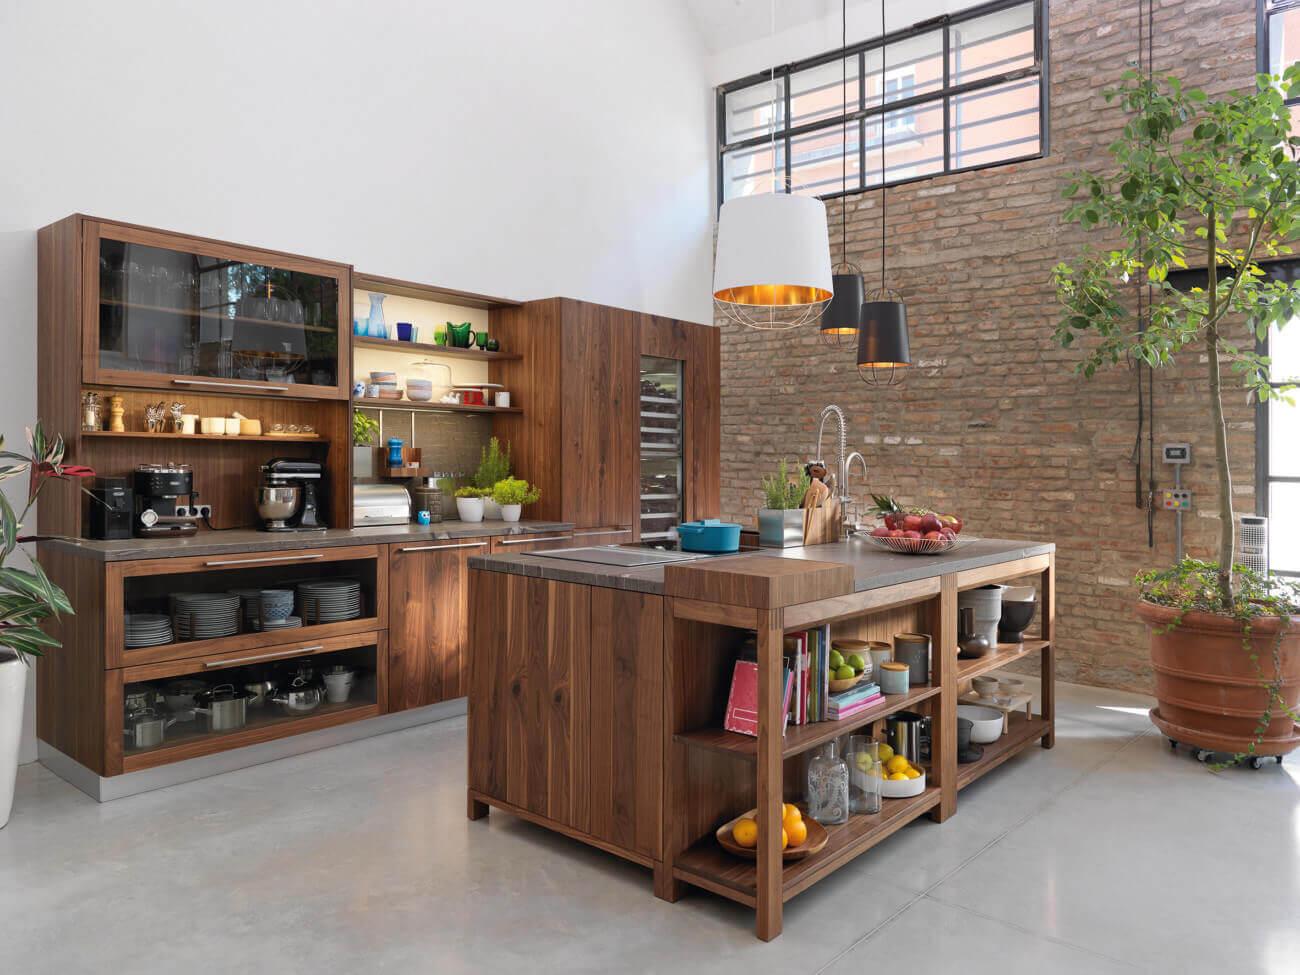 loft Küche von Team 7; Foto: Team 7